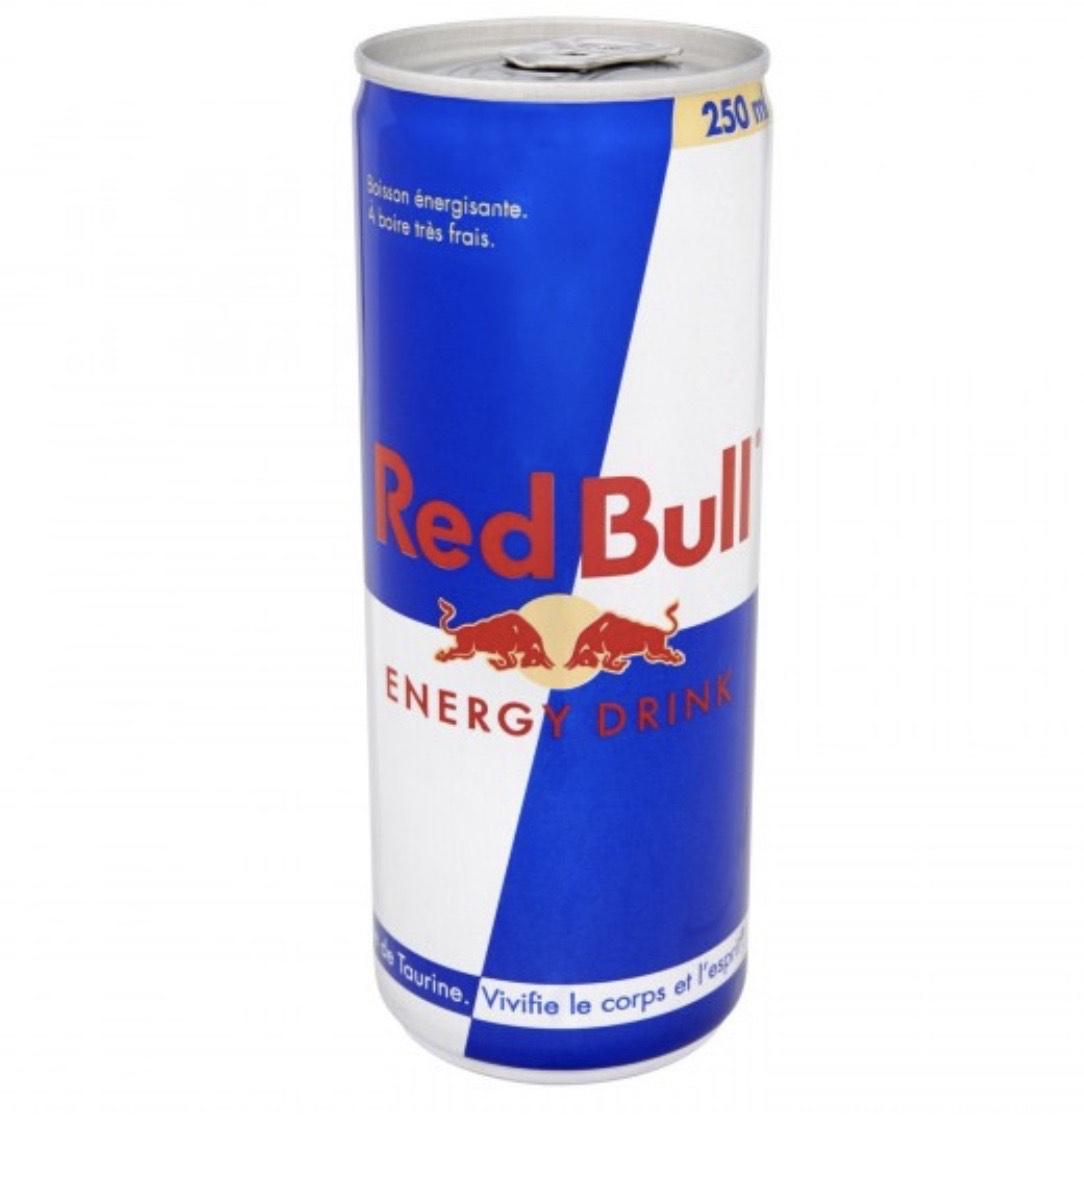 1 canette de Redbull Energy Drink gratuite - 250ml